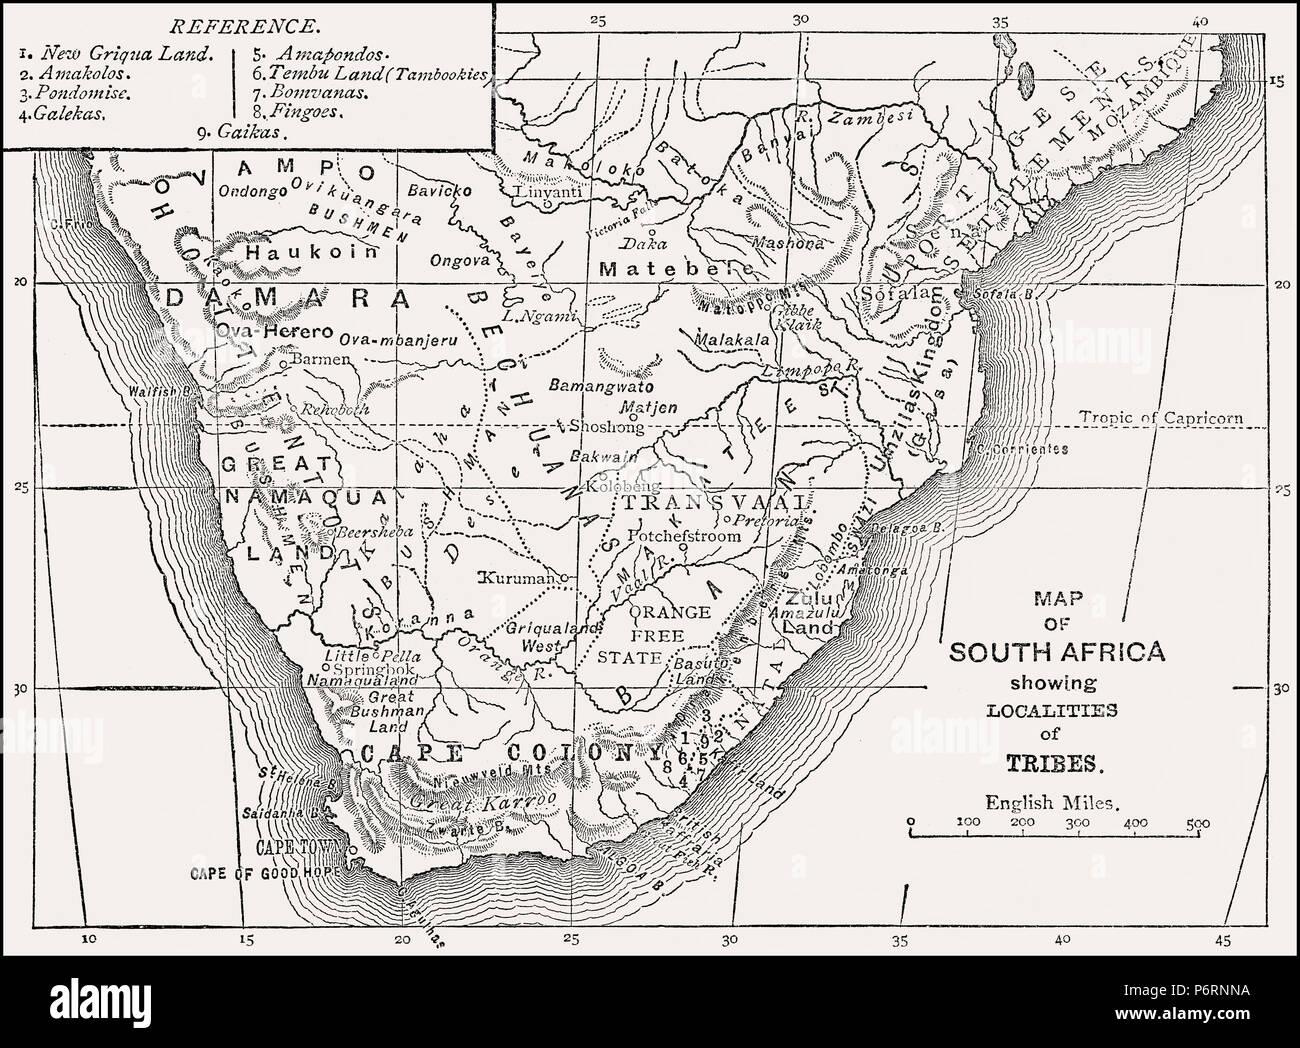 Historische ethnologische Karte von Südafrika, 19. Jahrhundert, die von den Britischen Schlachten auf Land und Meer, von James Grant Stockbild